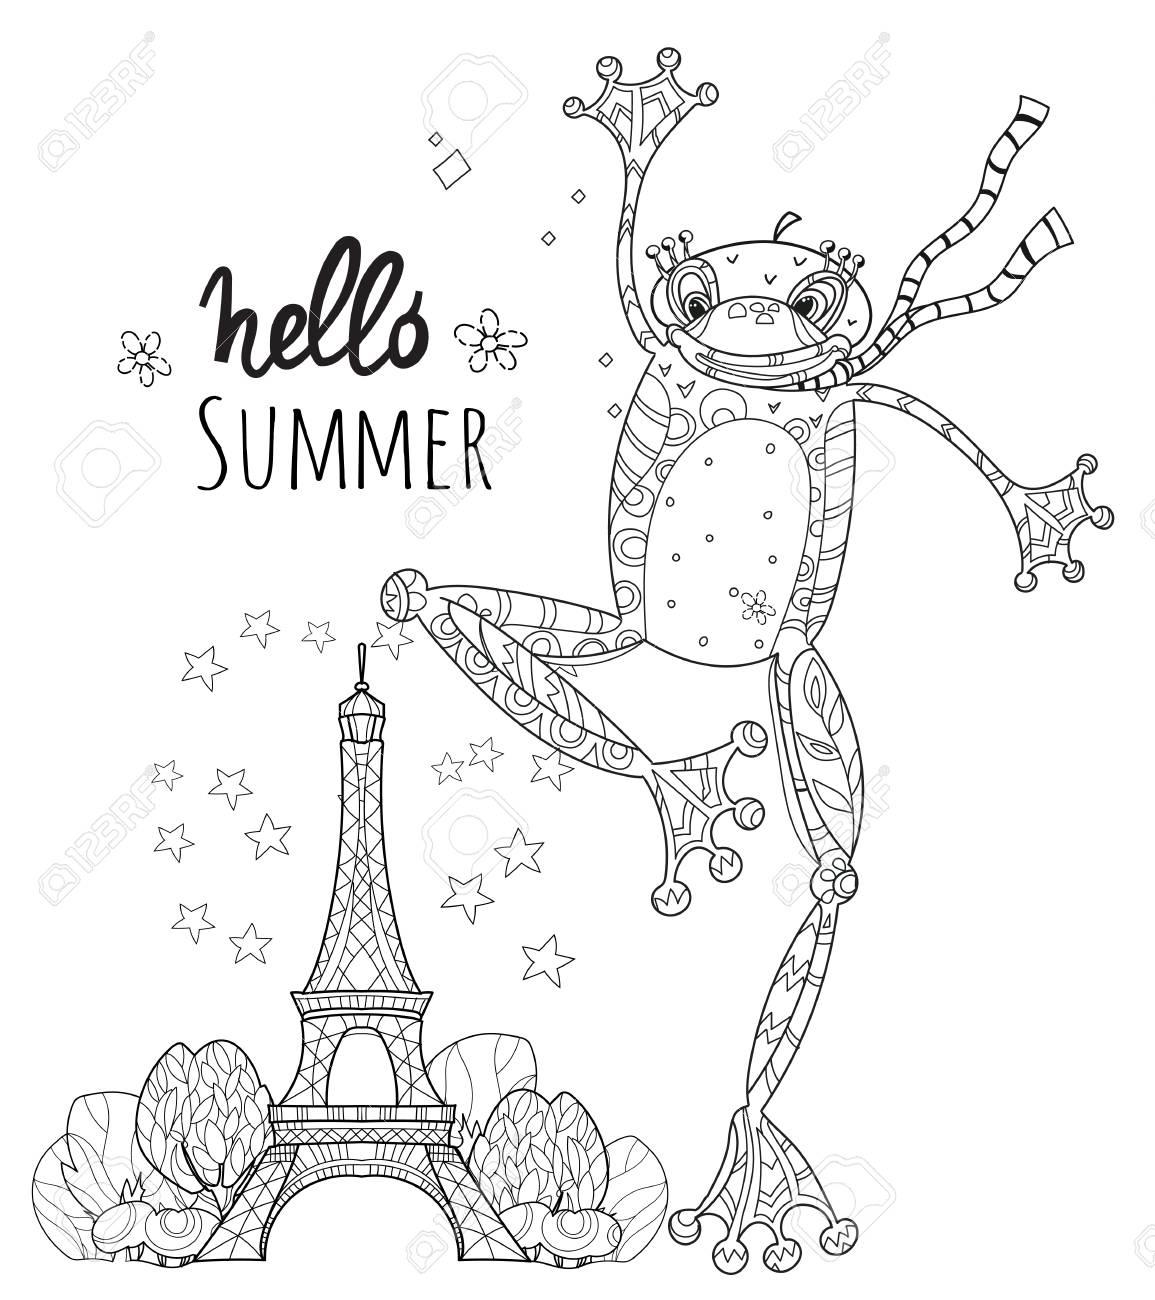 パリのかわいいカエルの男の子禅イラスト分離された塗り絵の準備ができ